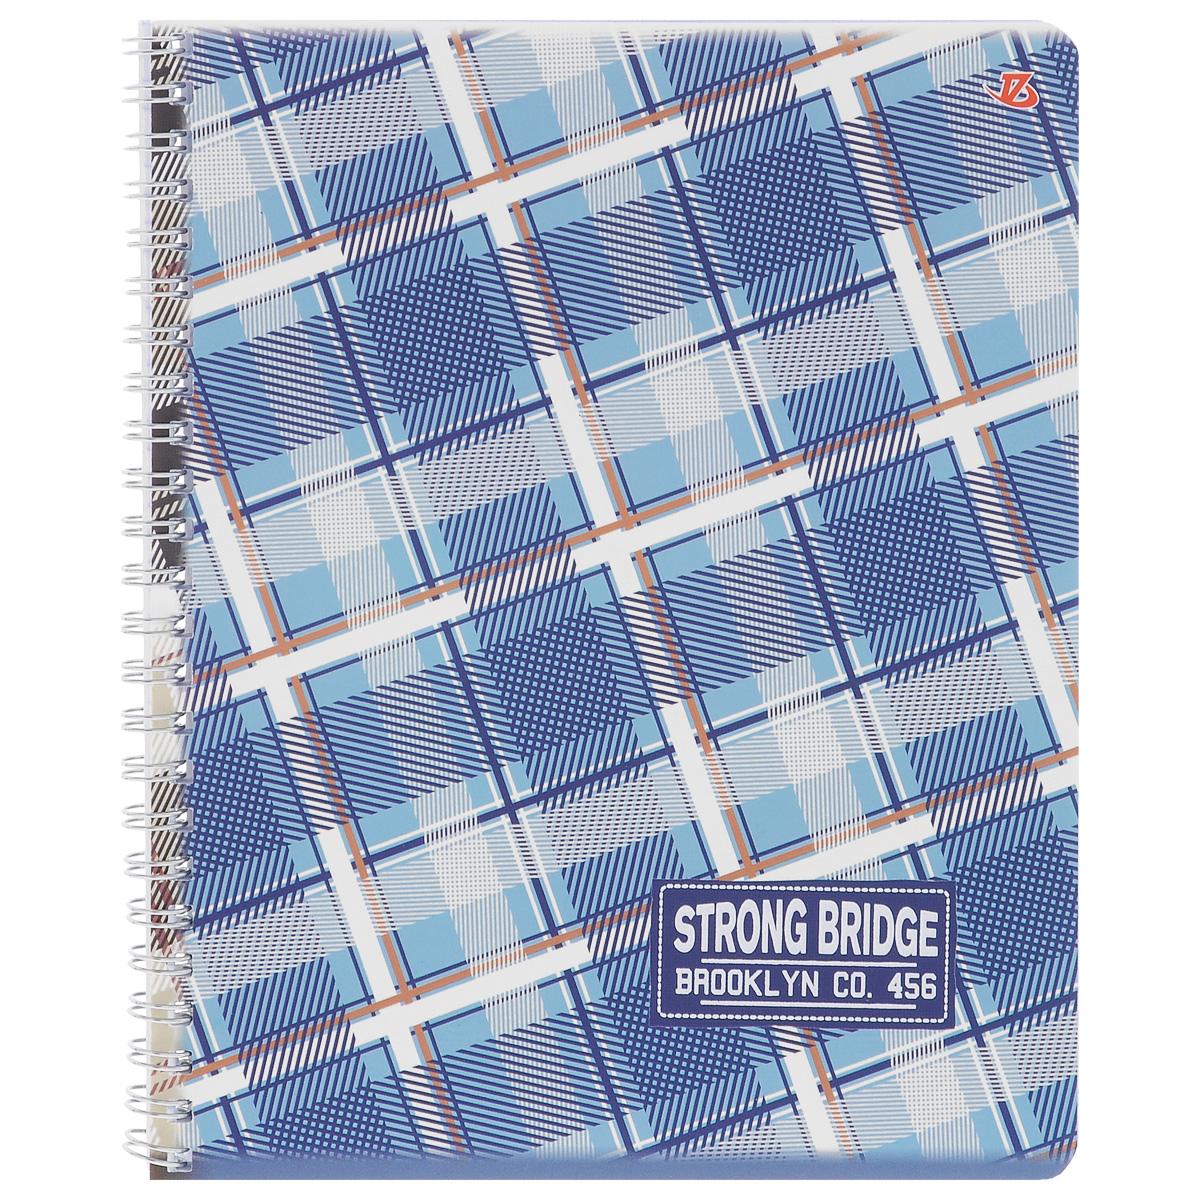 Тетрадь в клетку Strong Bridge, цвет: синий, голубой, бежевый, 60 листов. 6658/372523WDТетрадь Strong Bridge подойдет для любых работ и студенту, и школьнику.Фактурная обложка тетради с элементами серебряного тиснения выполнена из мелованного картона с закругленными углами.Внутренний блок тетради соединен металлической пружиной и состоит из 60 листов высококачественной бумаги повышенной белизны.